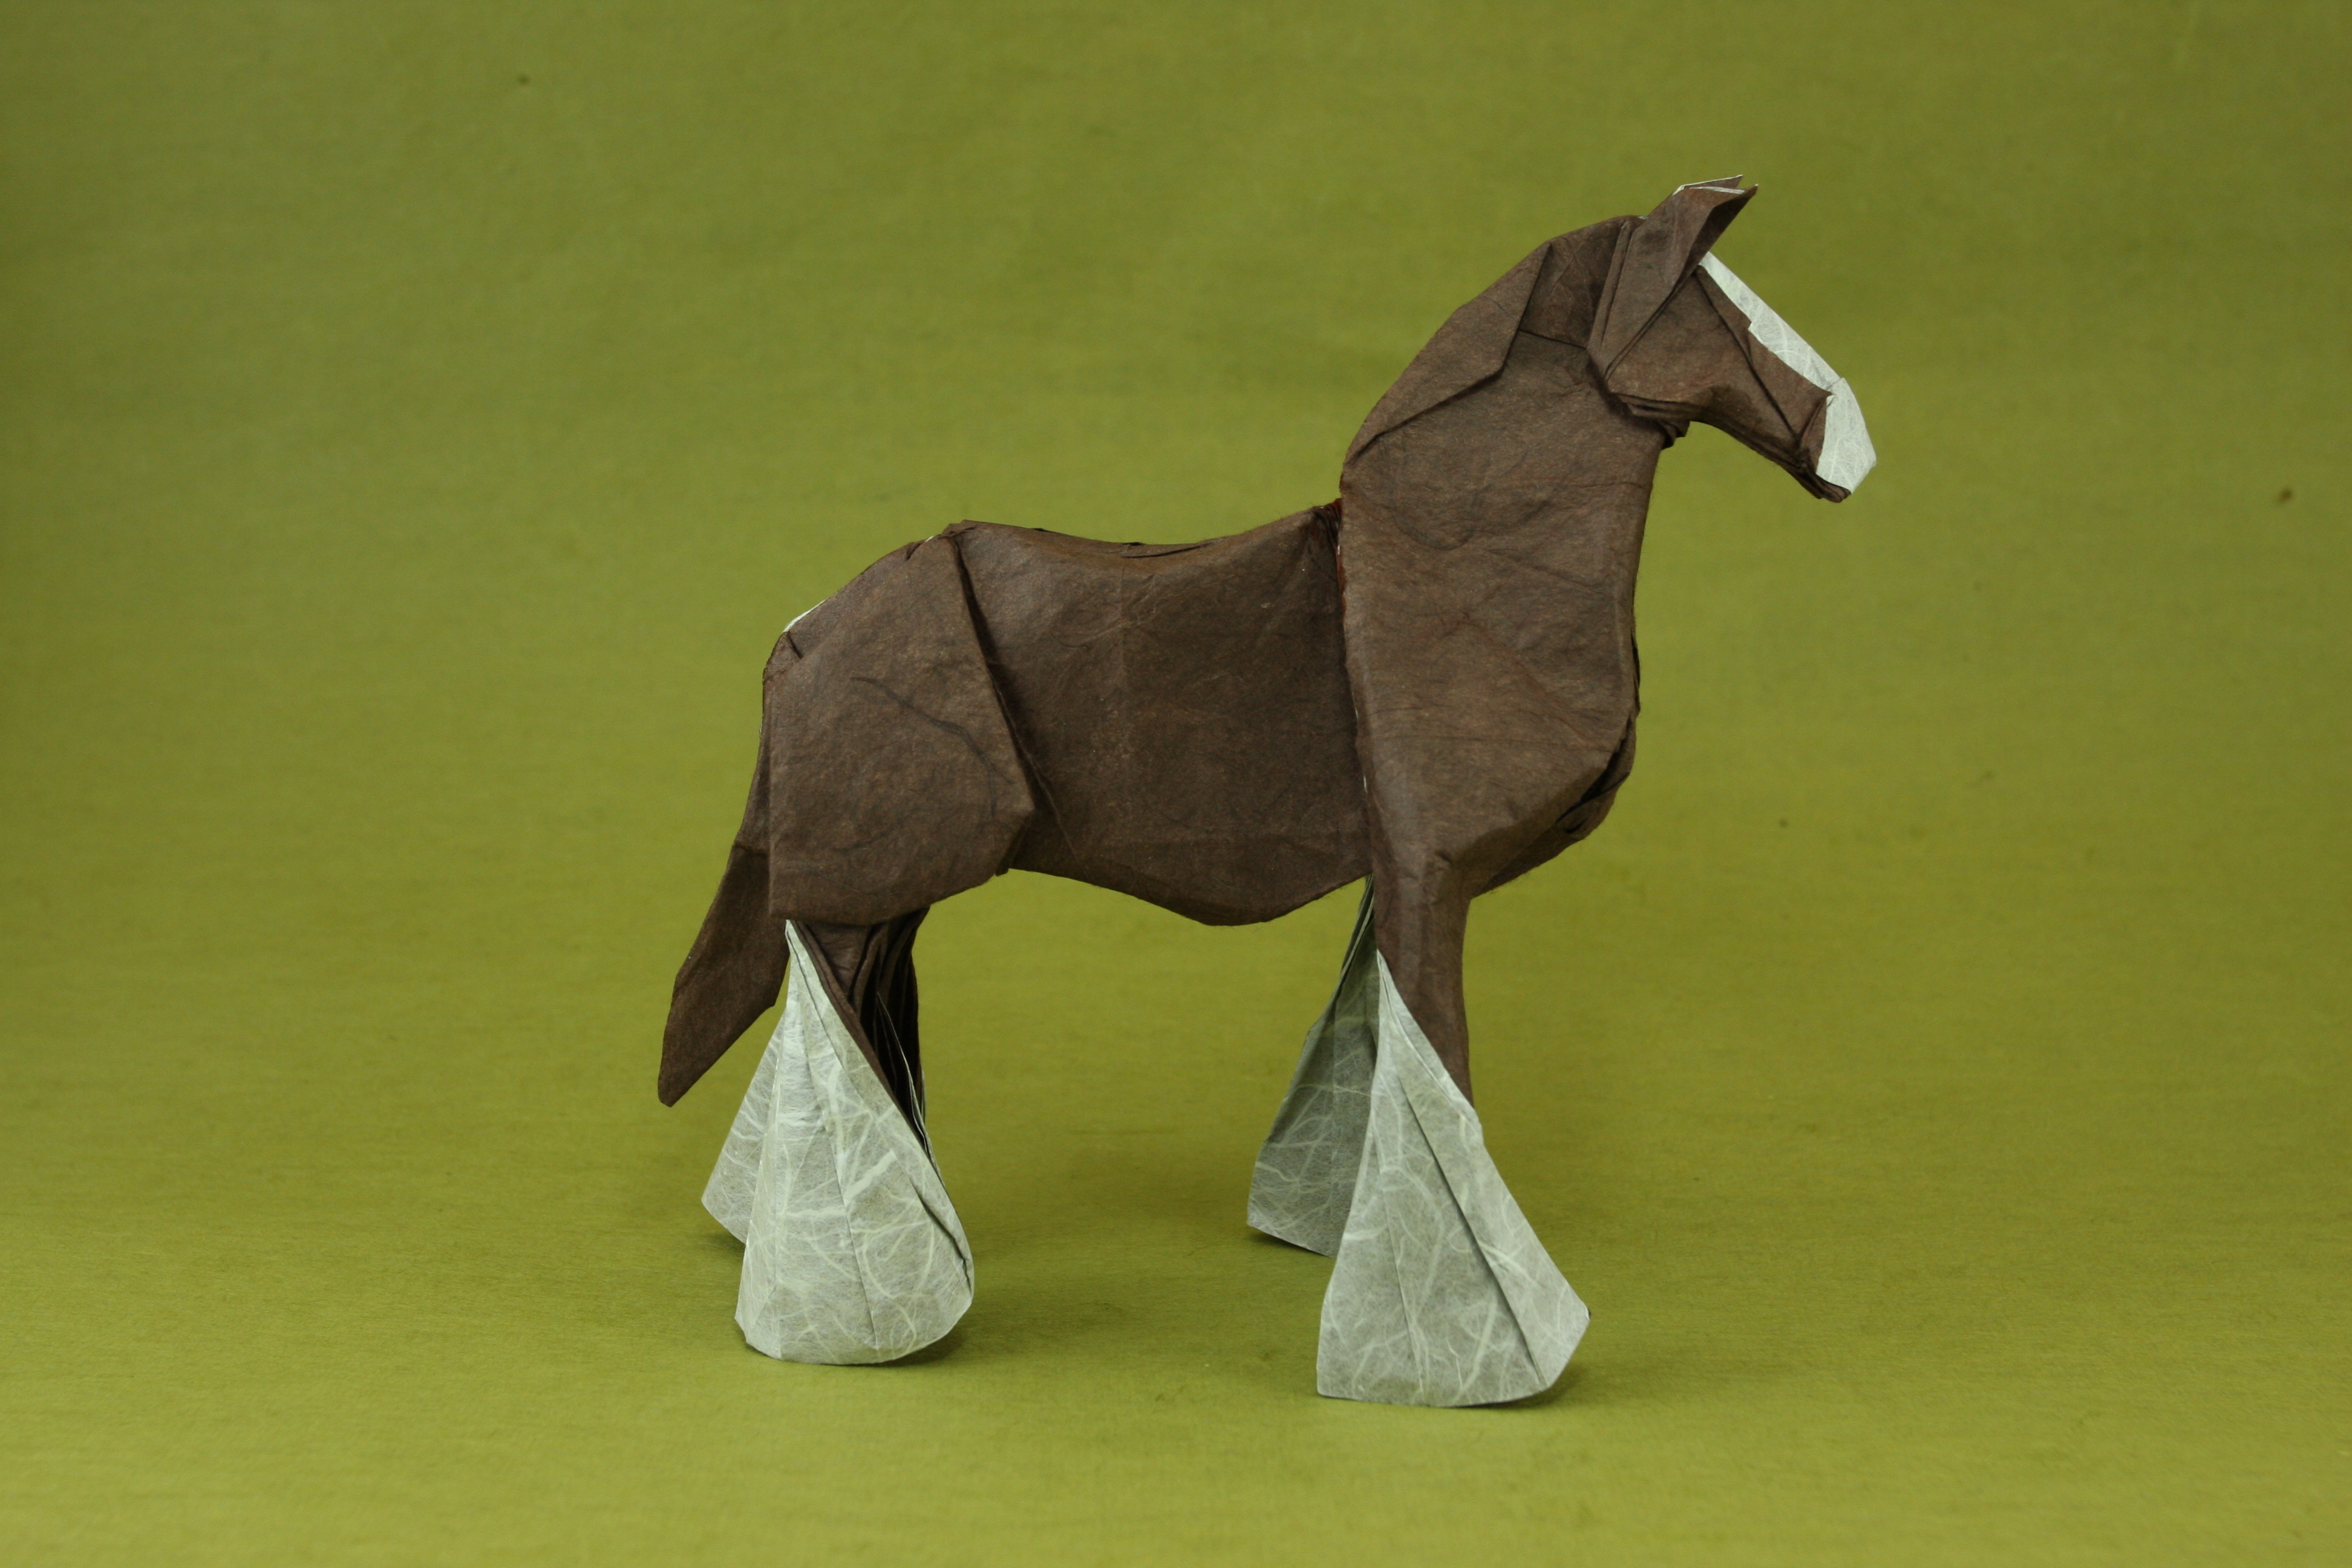 Как сделать бумажную лошадку